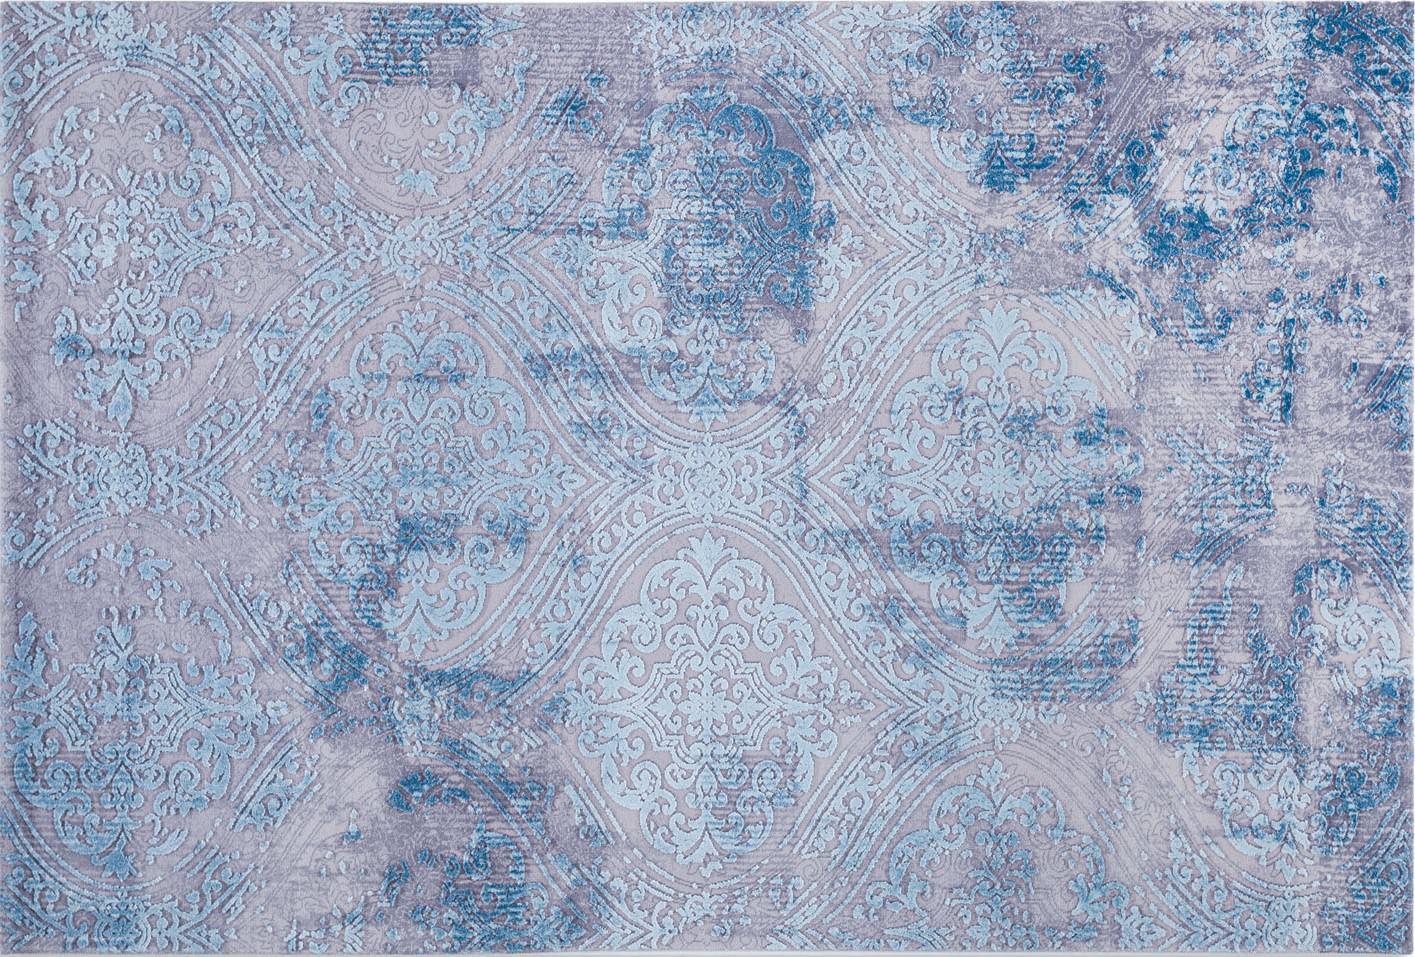 ANGORA HALI EMPİRE 5882W – 160X230 4 m2 - 349 TL İndirimli Halı